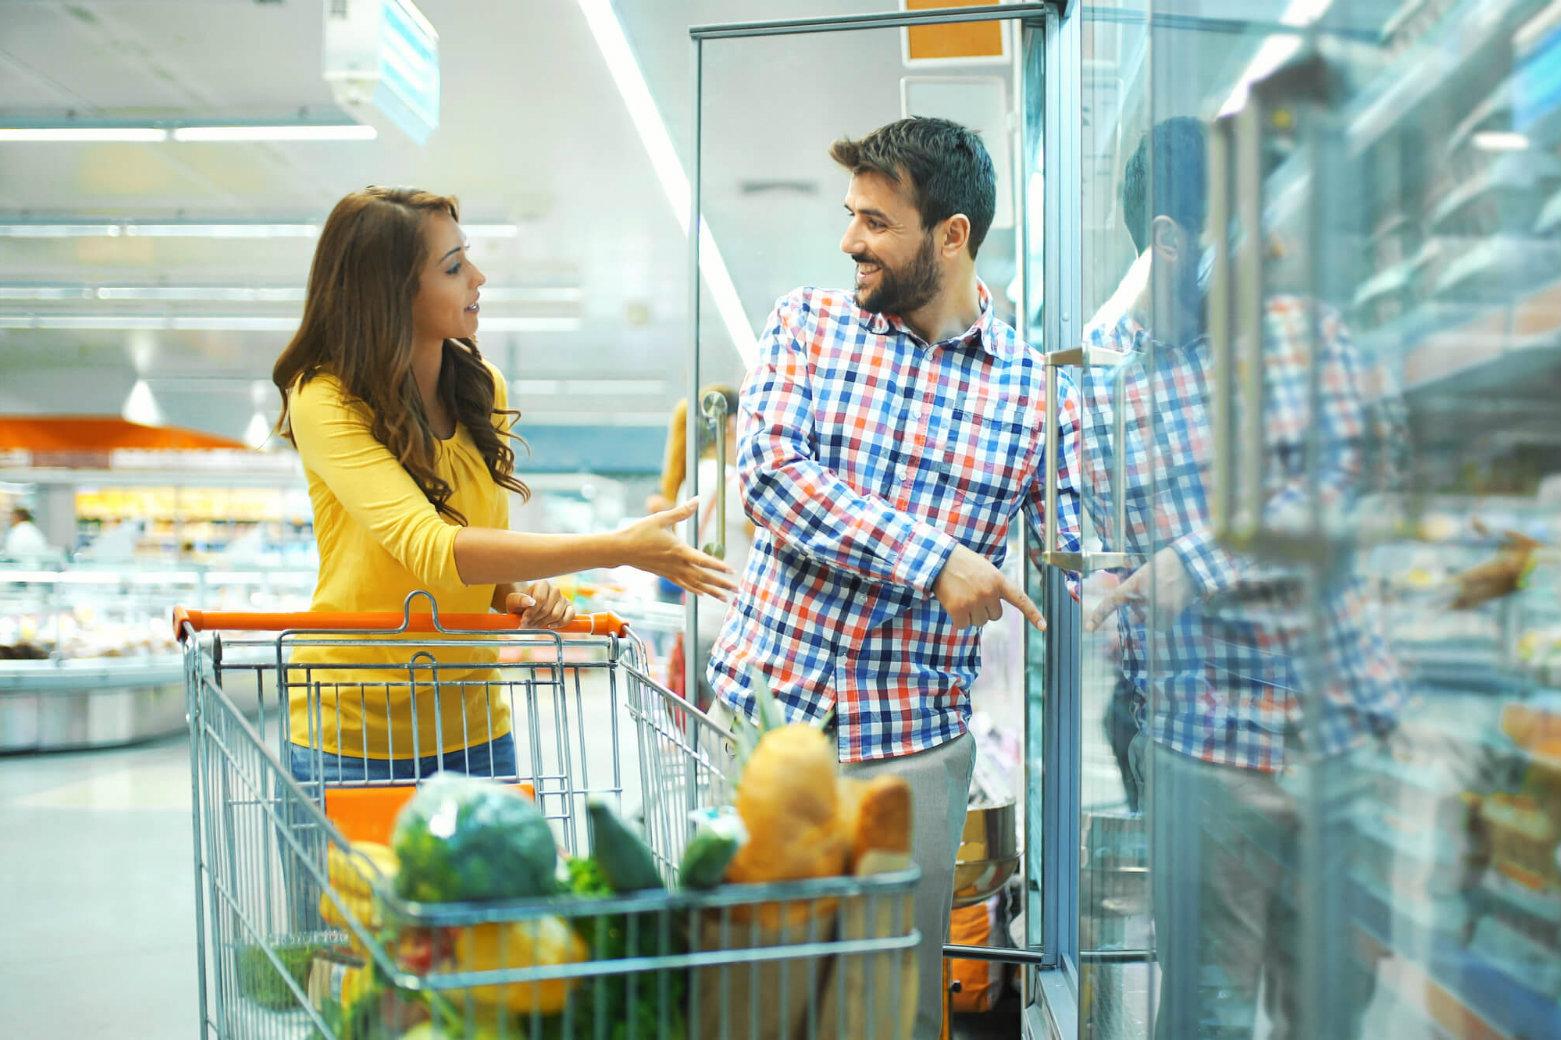 Realizar uma promoção no supermercado é uma boa prática? Descubra!